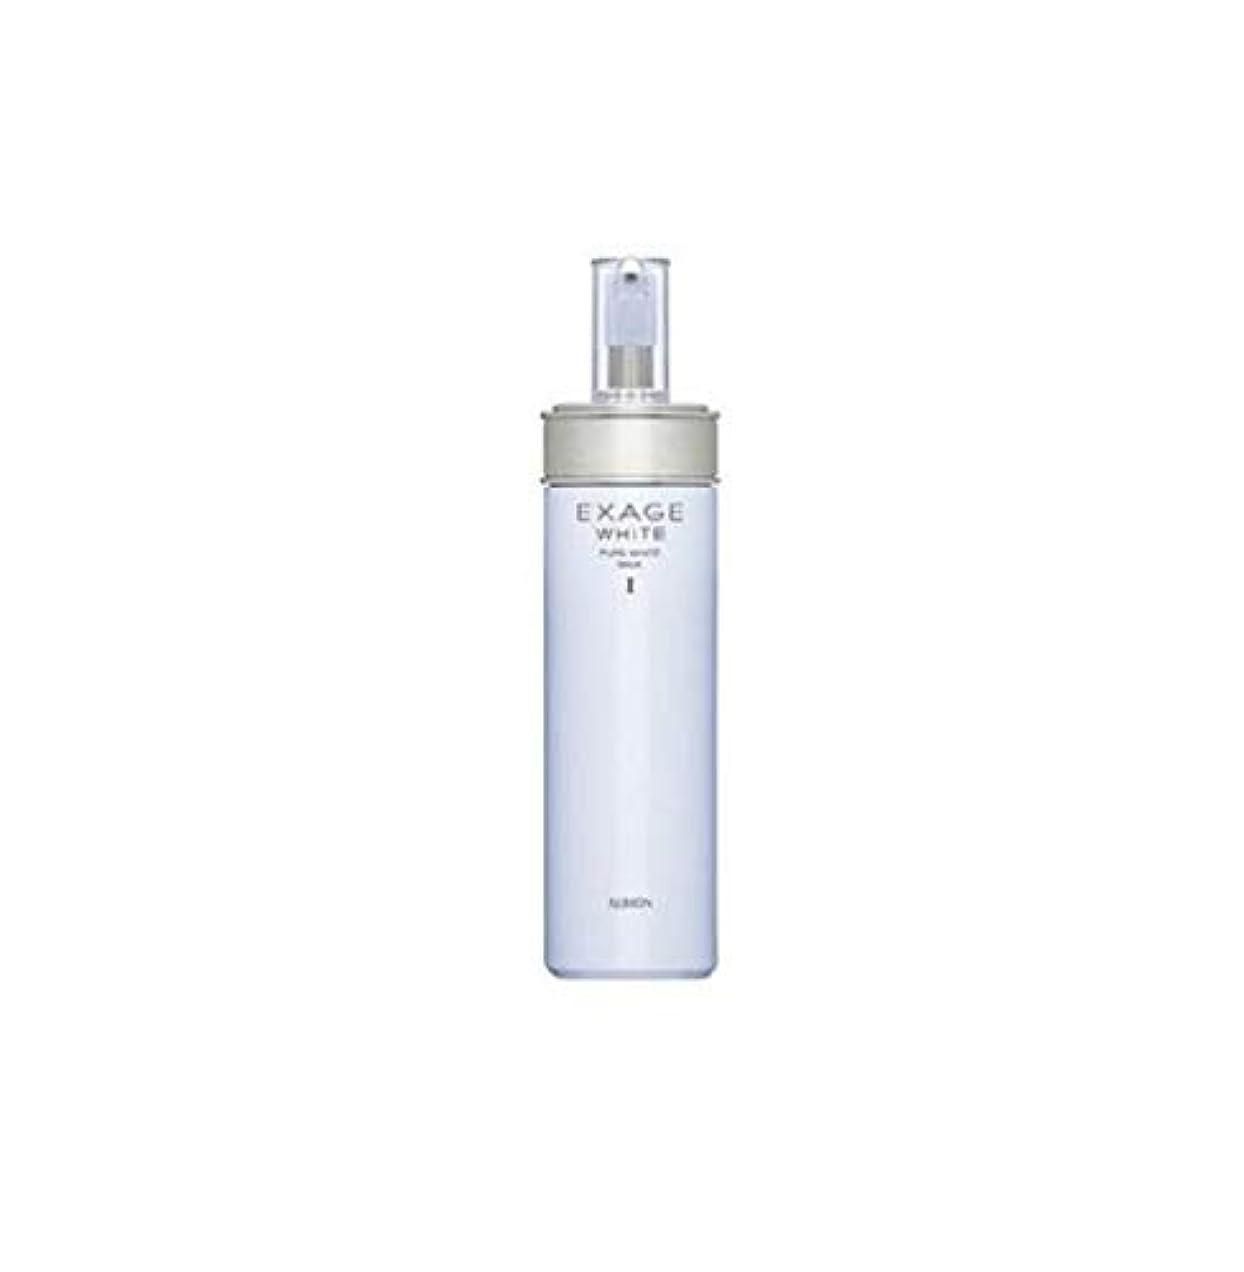 集団的アグネスグレイガジュマルALBION(アルビオン) エクサージュホワイト ピュアホワイト ミルク I 200g [ 乳液 ]